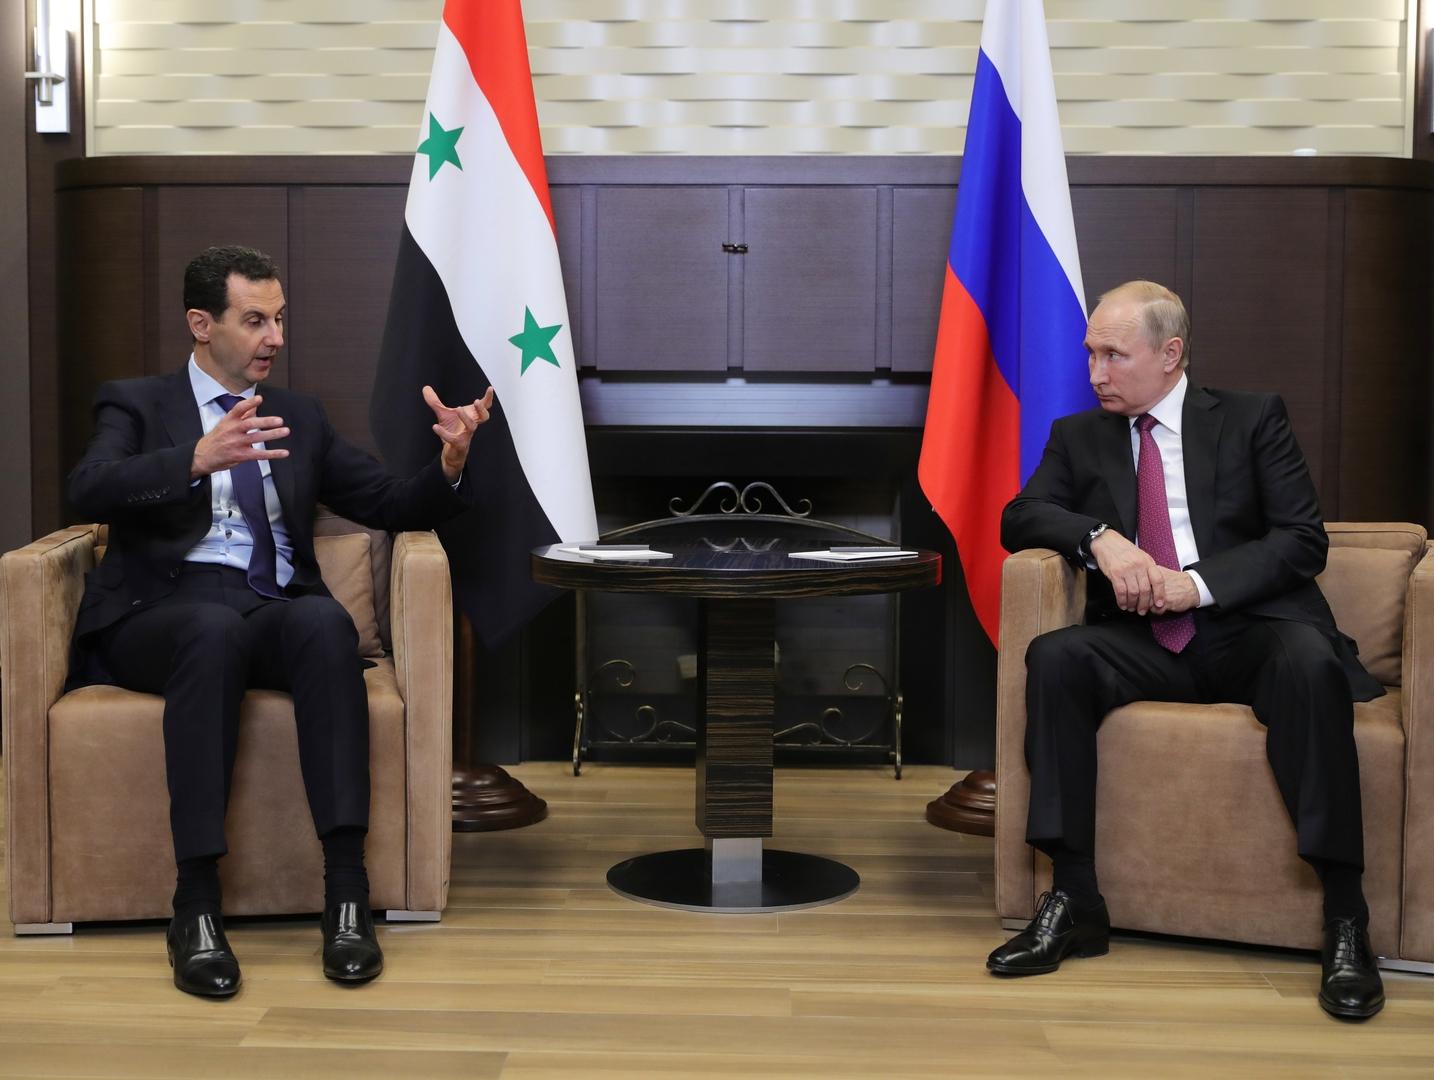 الرئيس الروسي، فلاديمير بوتين، والرئيس السوري، بشار الأسد (أرشيف).